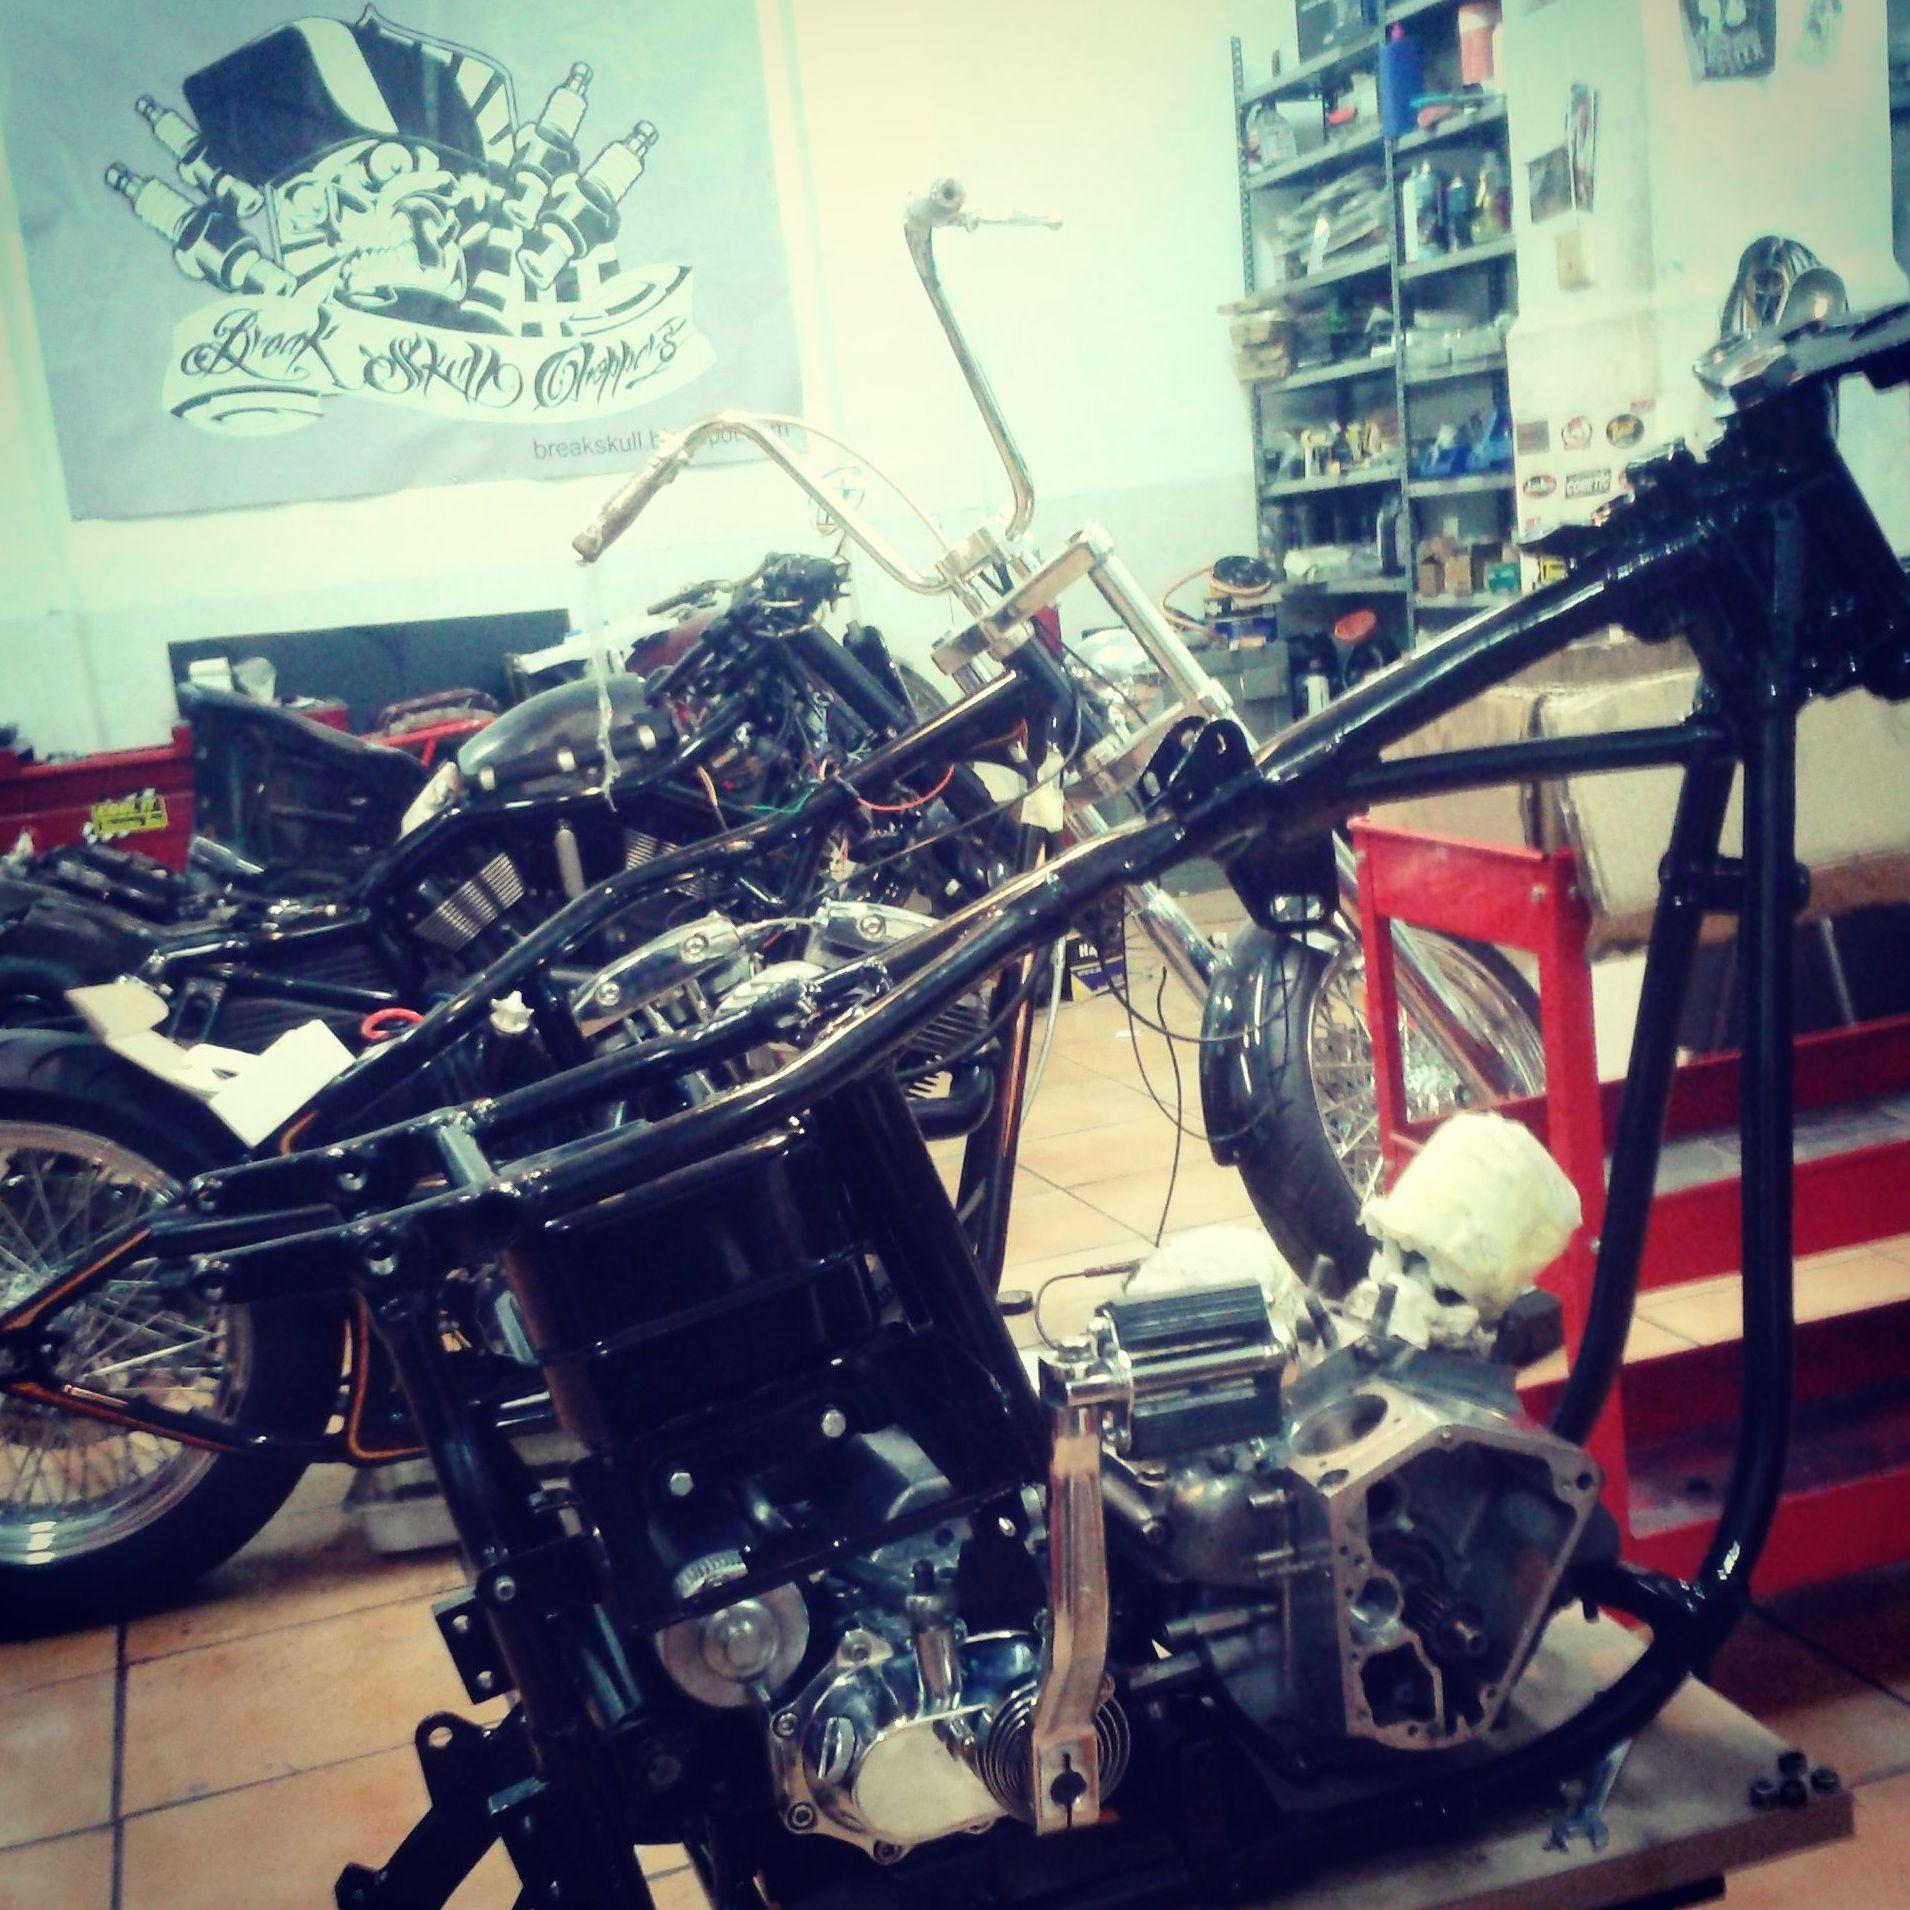 customizacion motos, , transformación motos en valencia, harley davidson, , personalización motos